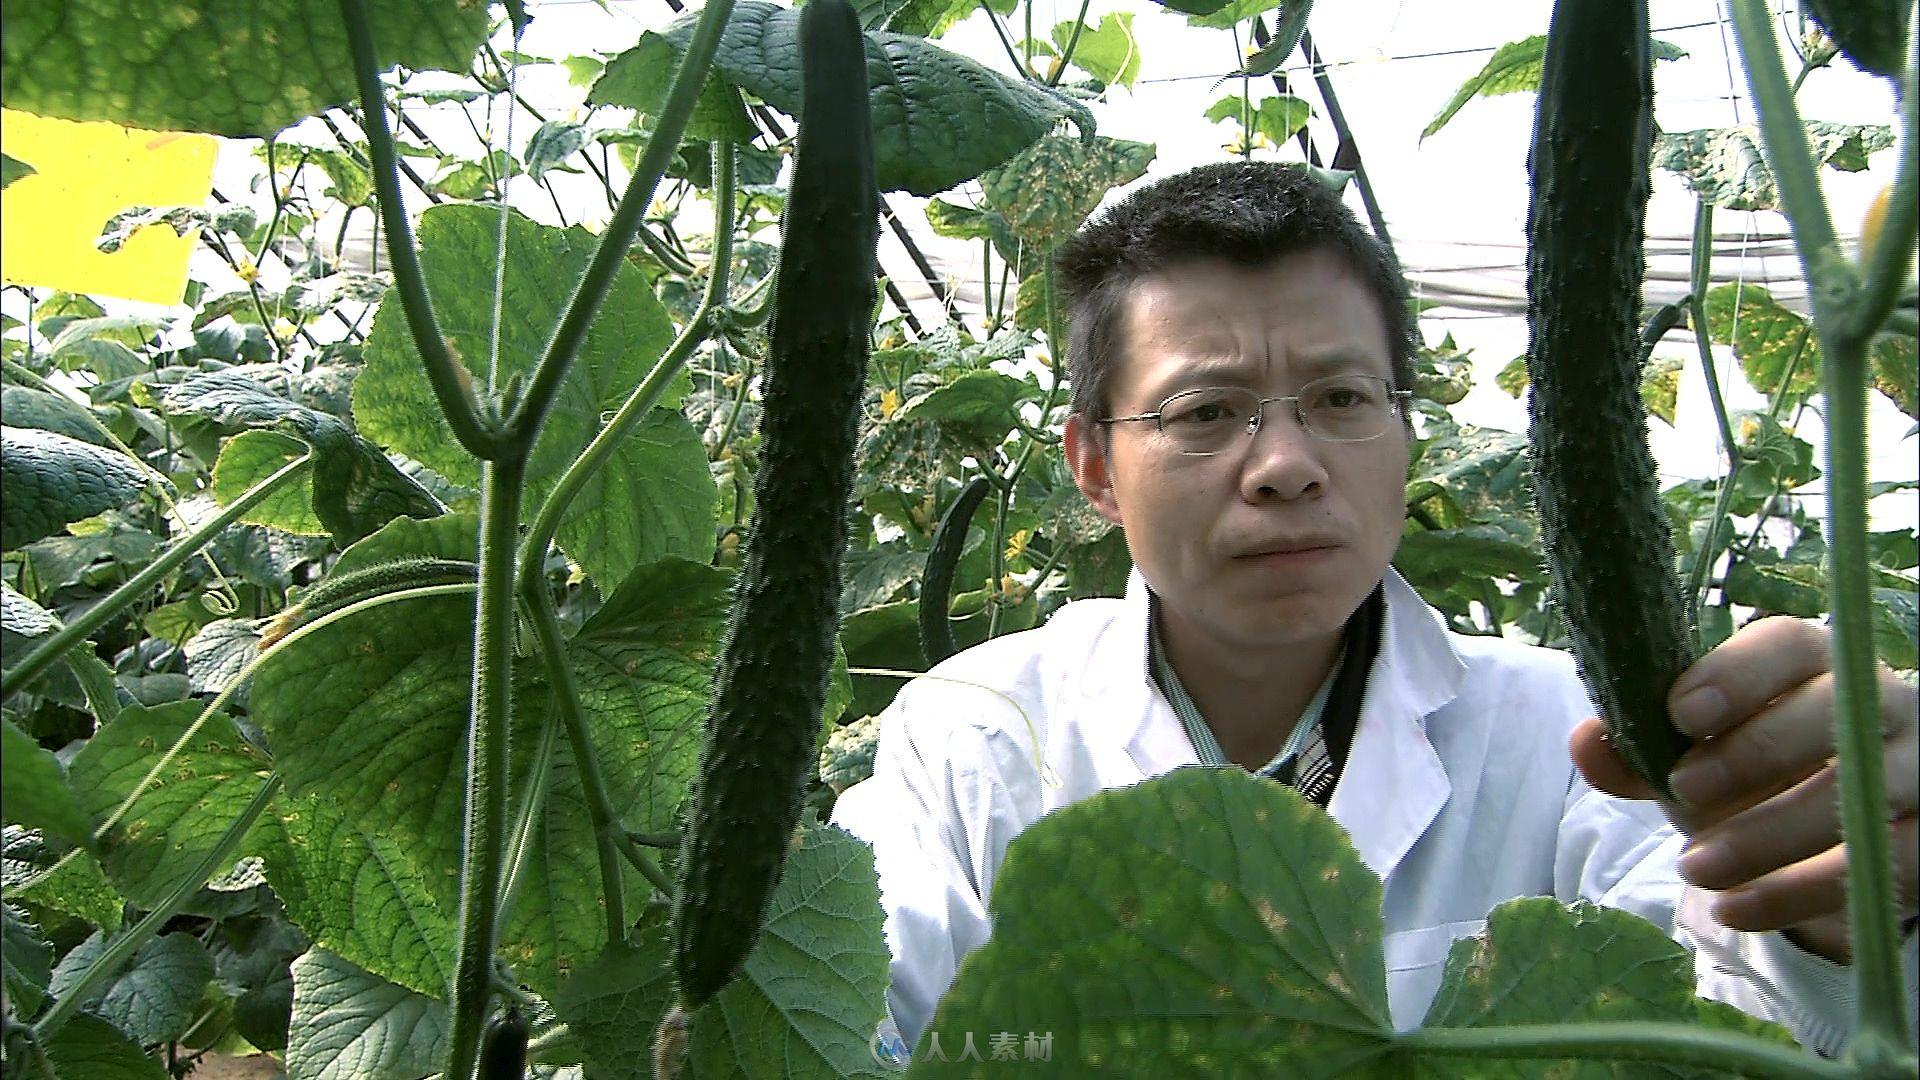 人员玉米查看鞋厂v人员黄瓜苗实拍视频素材-视视频科研图片